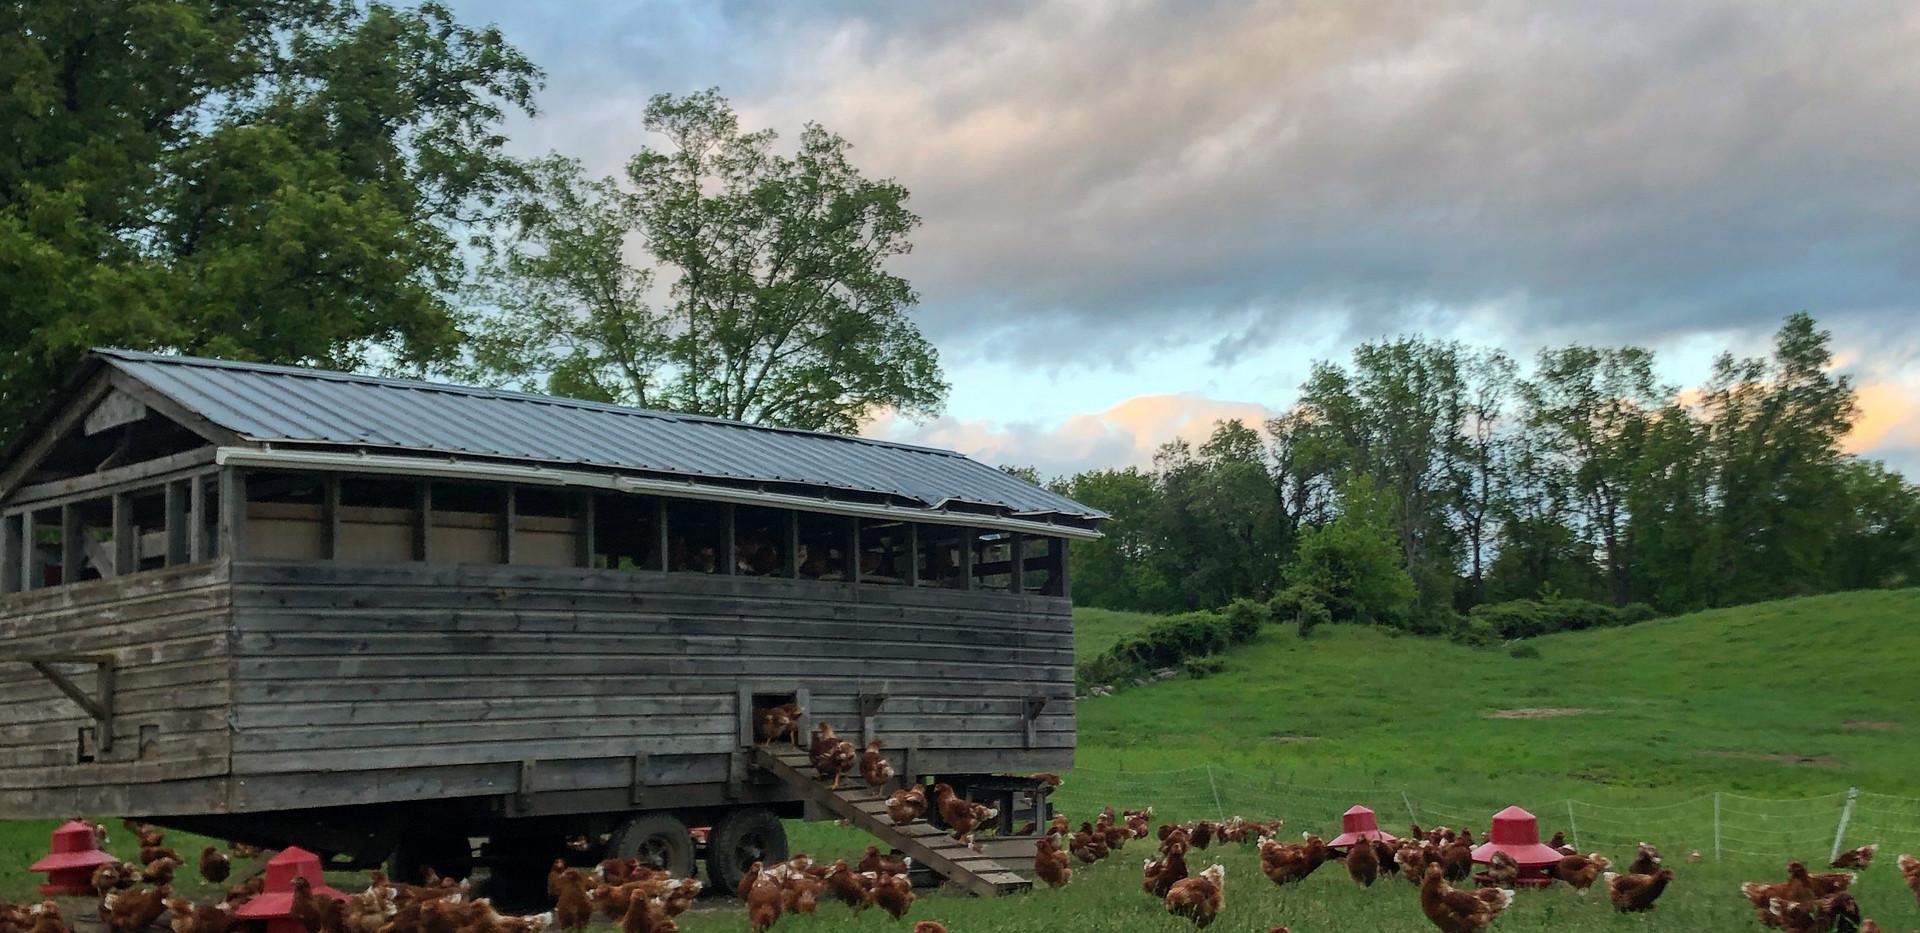 Pasture-Raised Chickens, Pasture-Raised Turkeys & Pasture-Raised Eggs